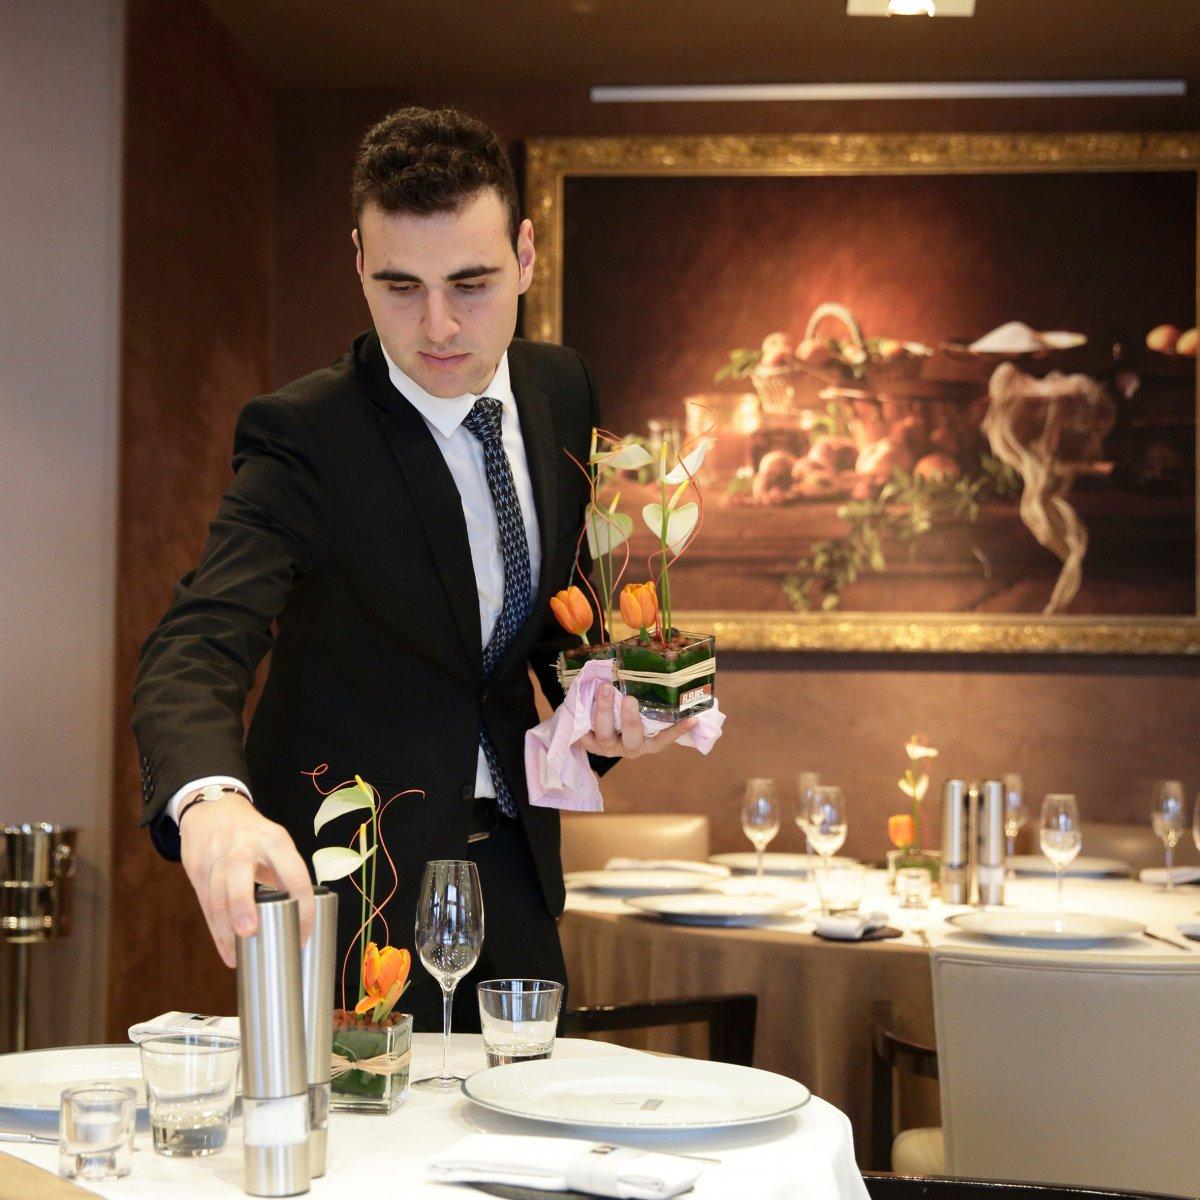 Vatel Nimes - Hospitality Art - 1